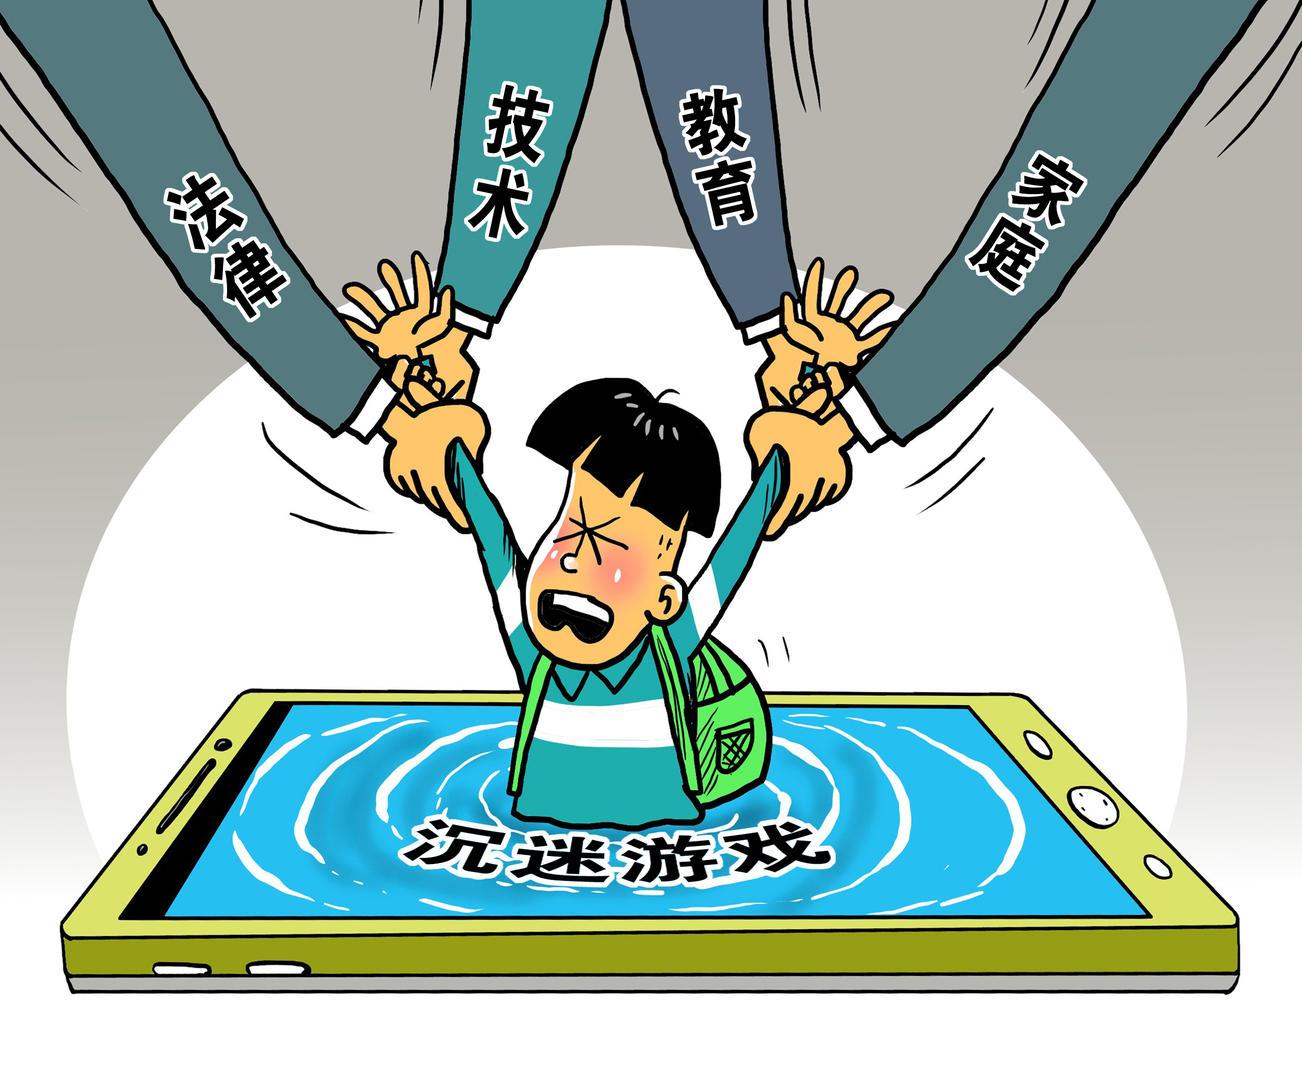 ▲漫画:若何让孩子放动手机游戏?图据ICphoto